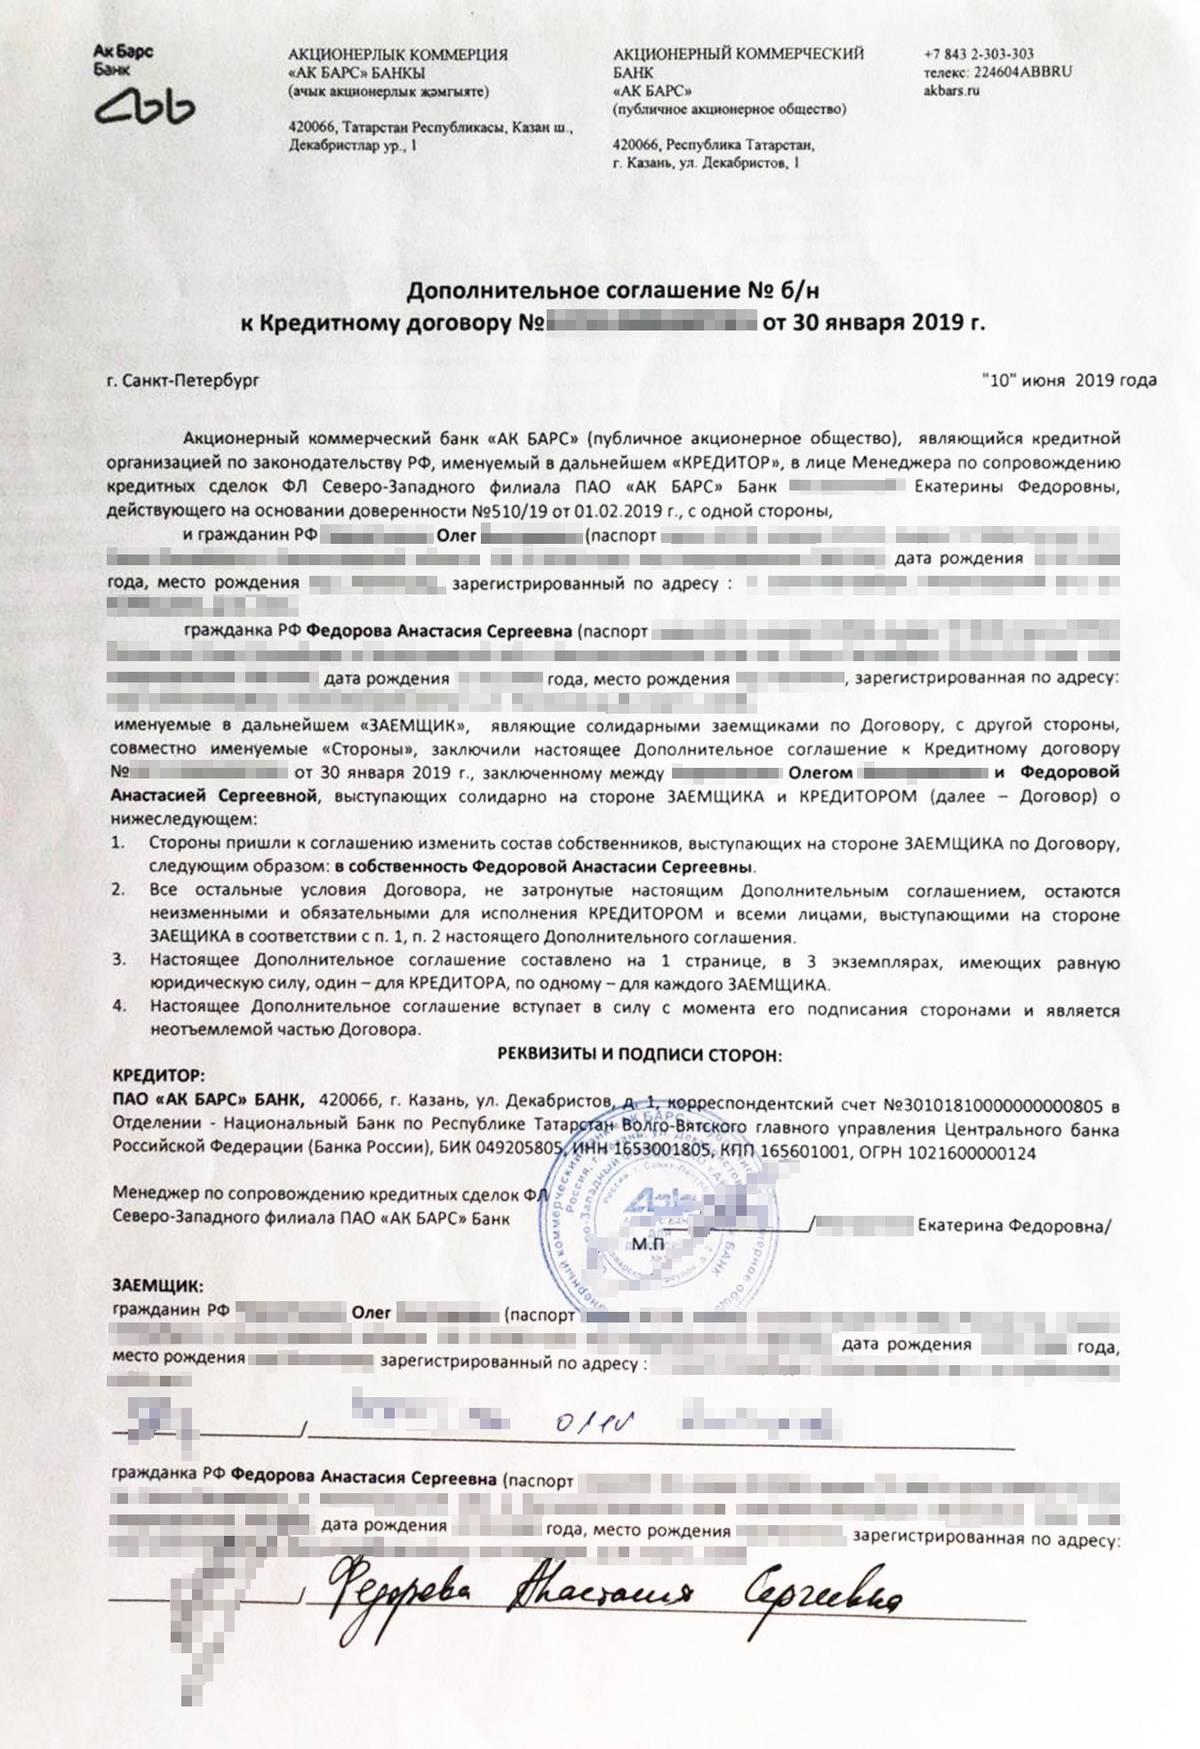 Дополнительное соглашение к ипотечному договору, которое мы подписали в банке